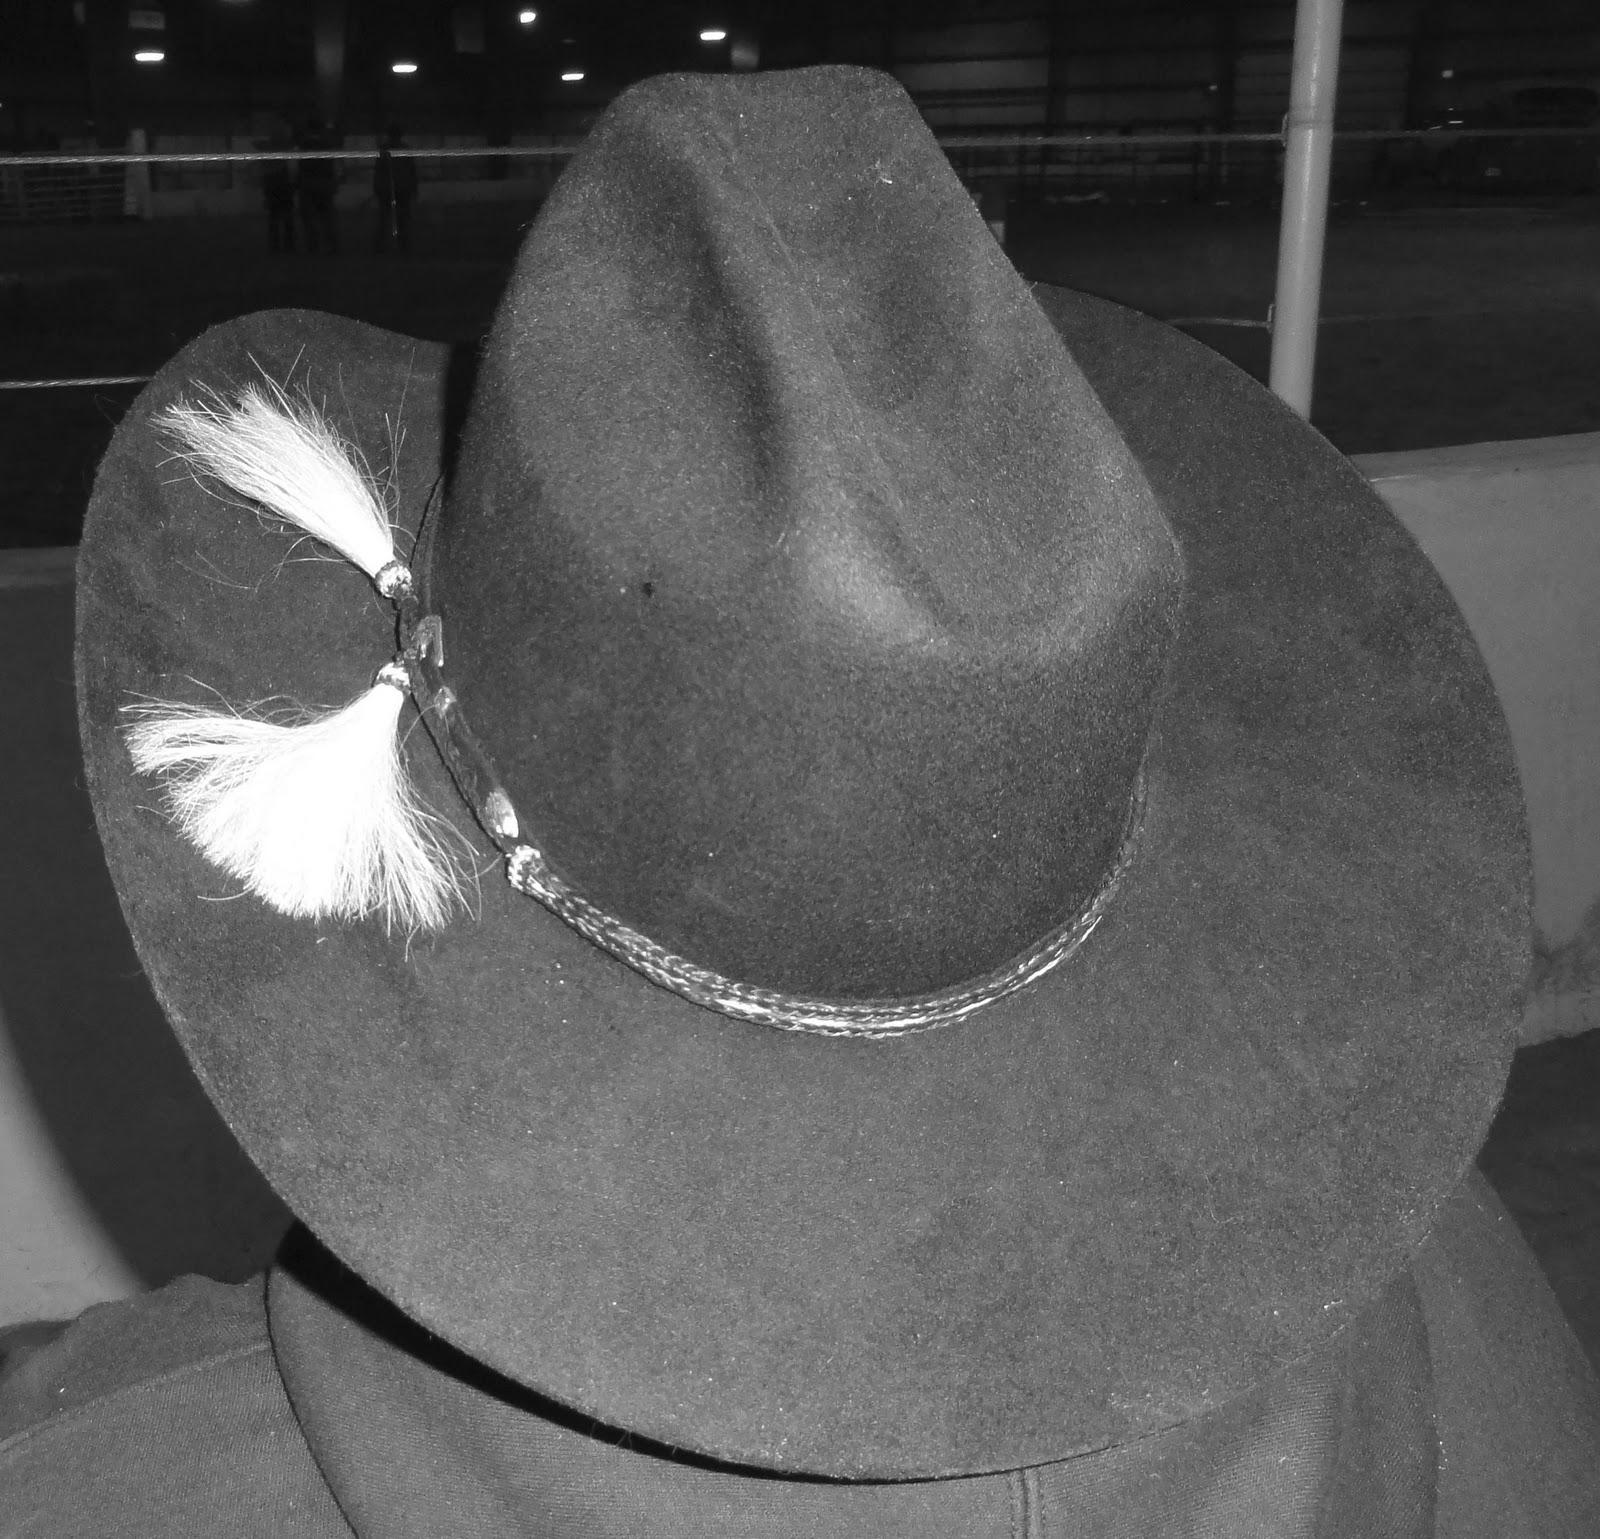 http://4.bp.blogspot.com/_m8nI4_uDXW0/TUsAiOYROGI/AAAAAAAAGEM/OMtAux_cY7M/s1600/Cowboy+Hat.jpg